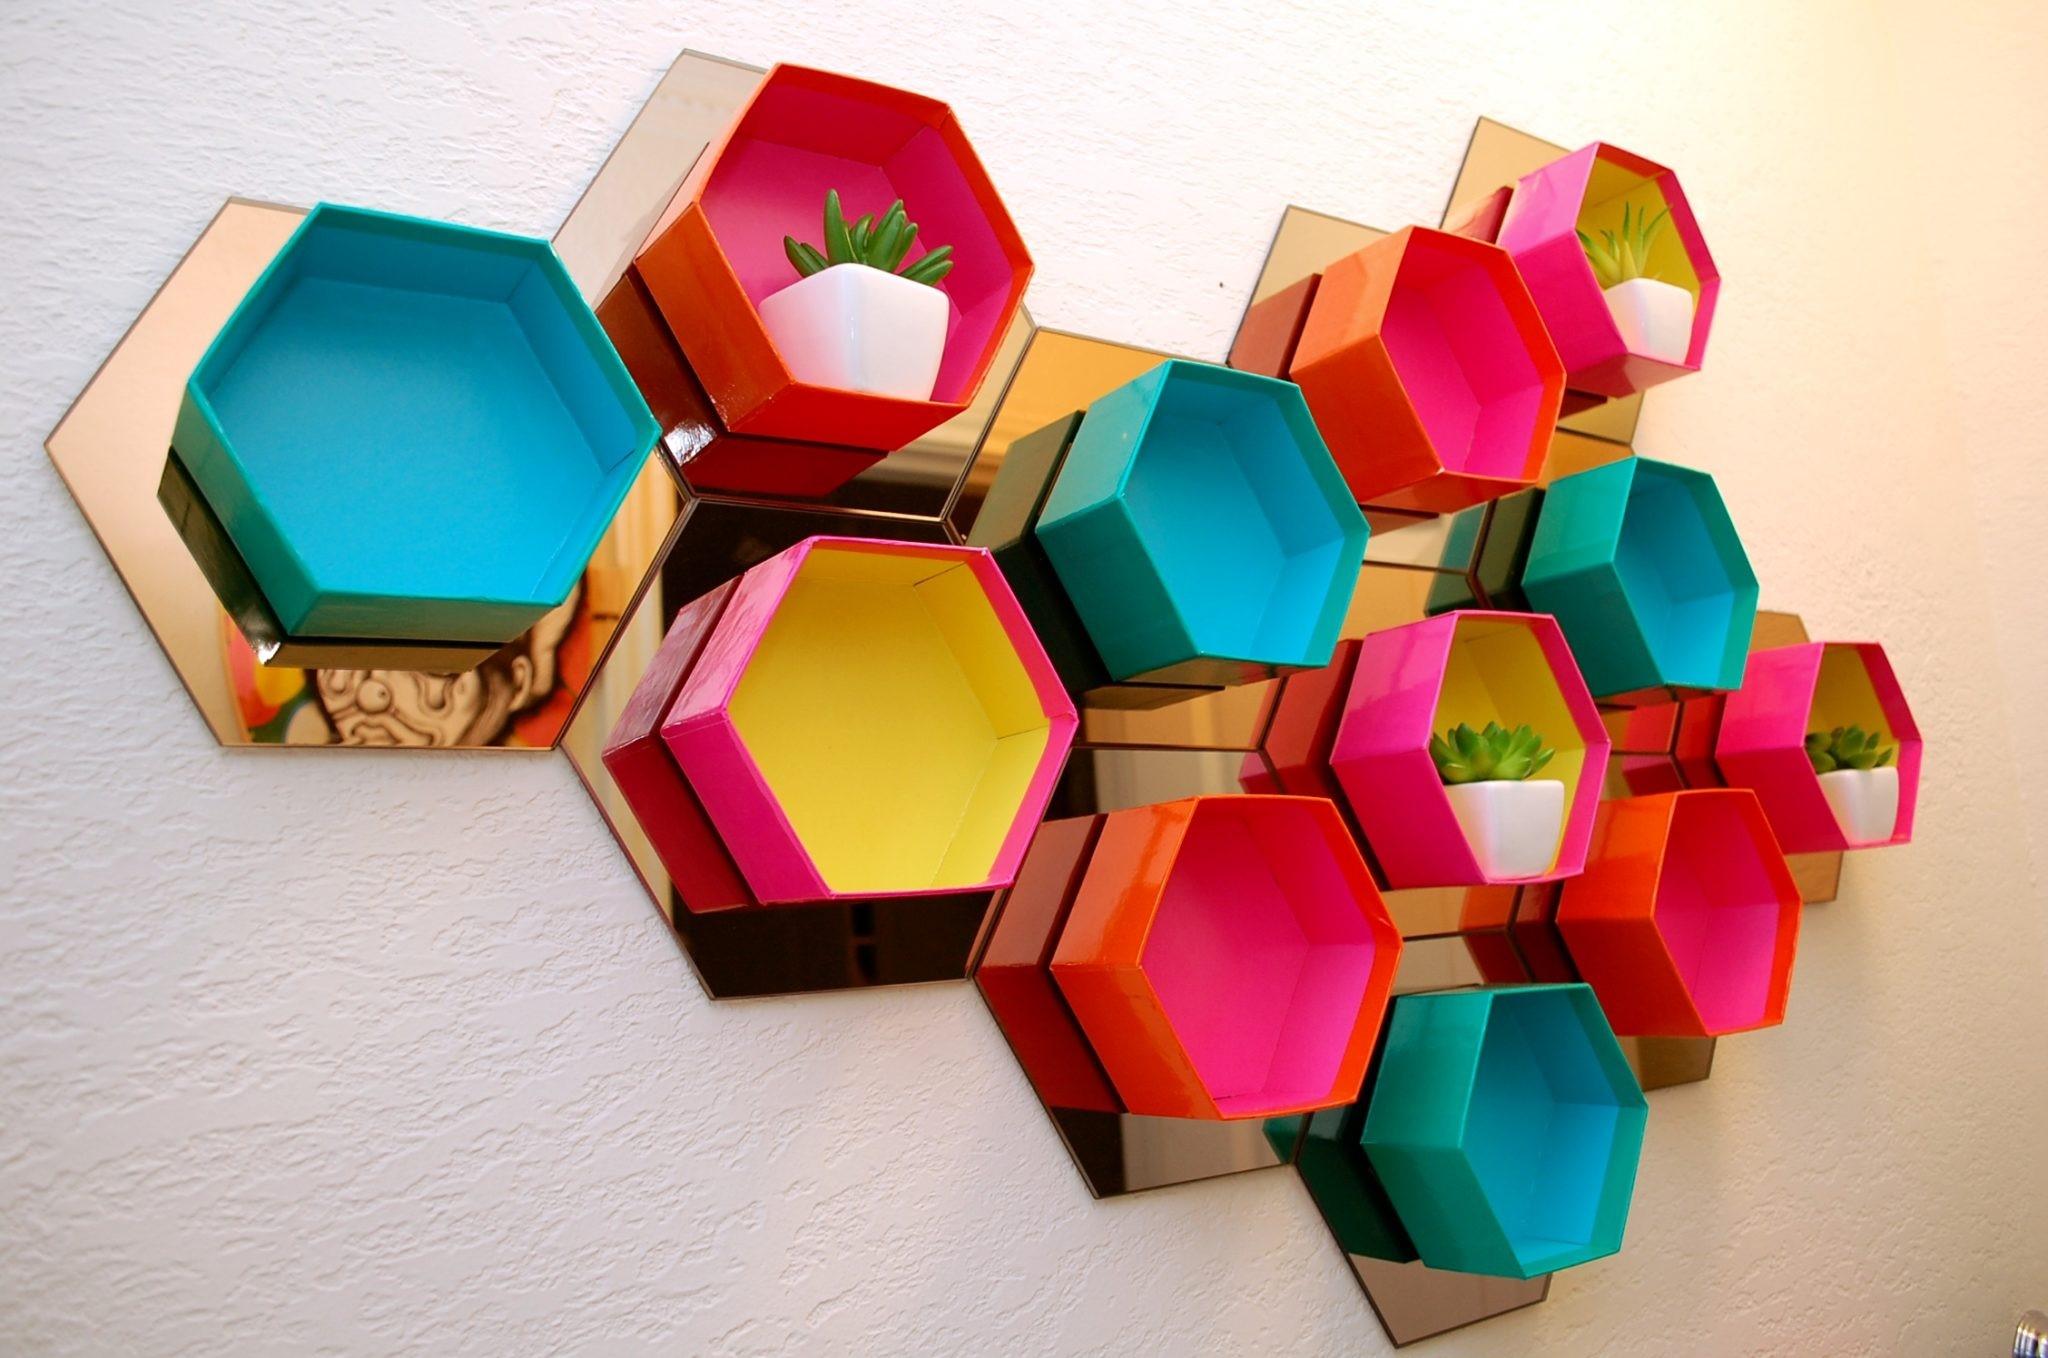 4 Colorful Hexagon Shelf via simphome